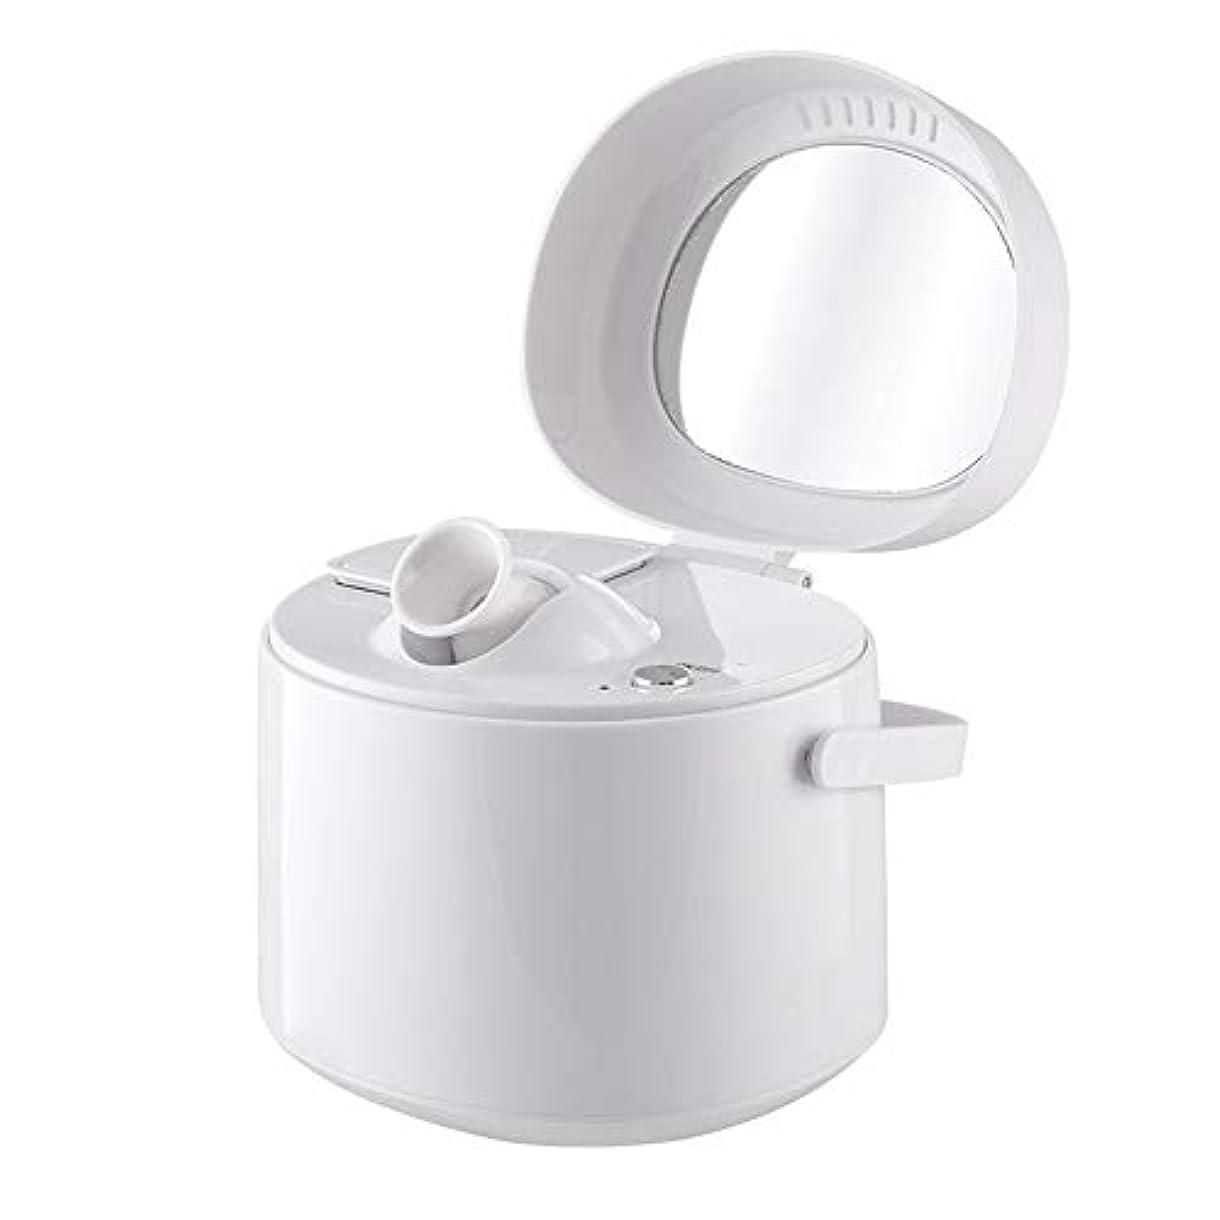 満足させるロック解除名義でZXF ホットスプレースチームフェイス美容器具ホームナノイオン保湿スプレー美容器具美容ミラーホワイト 滑らかである